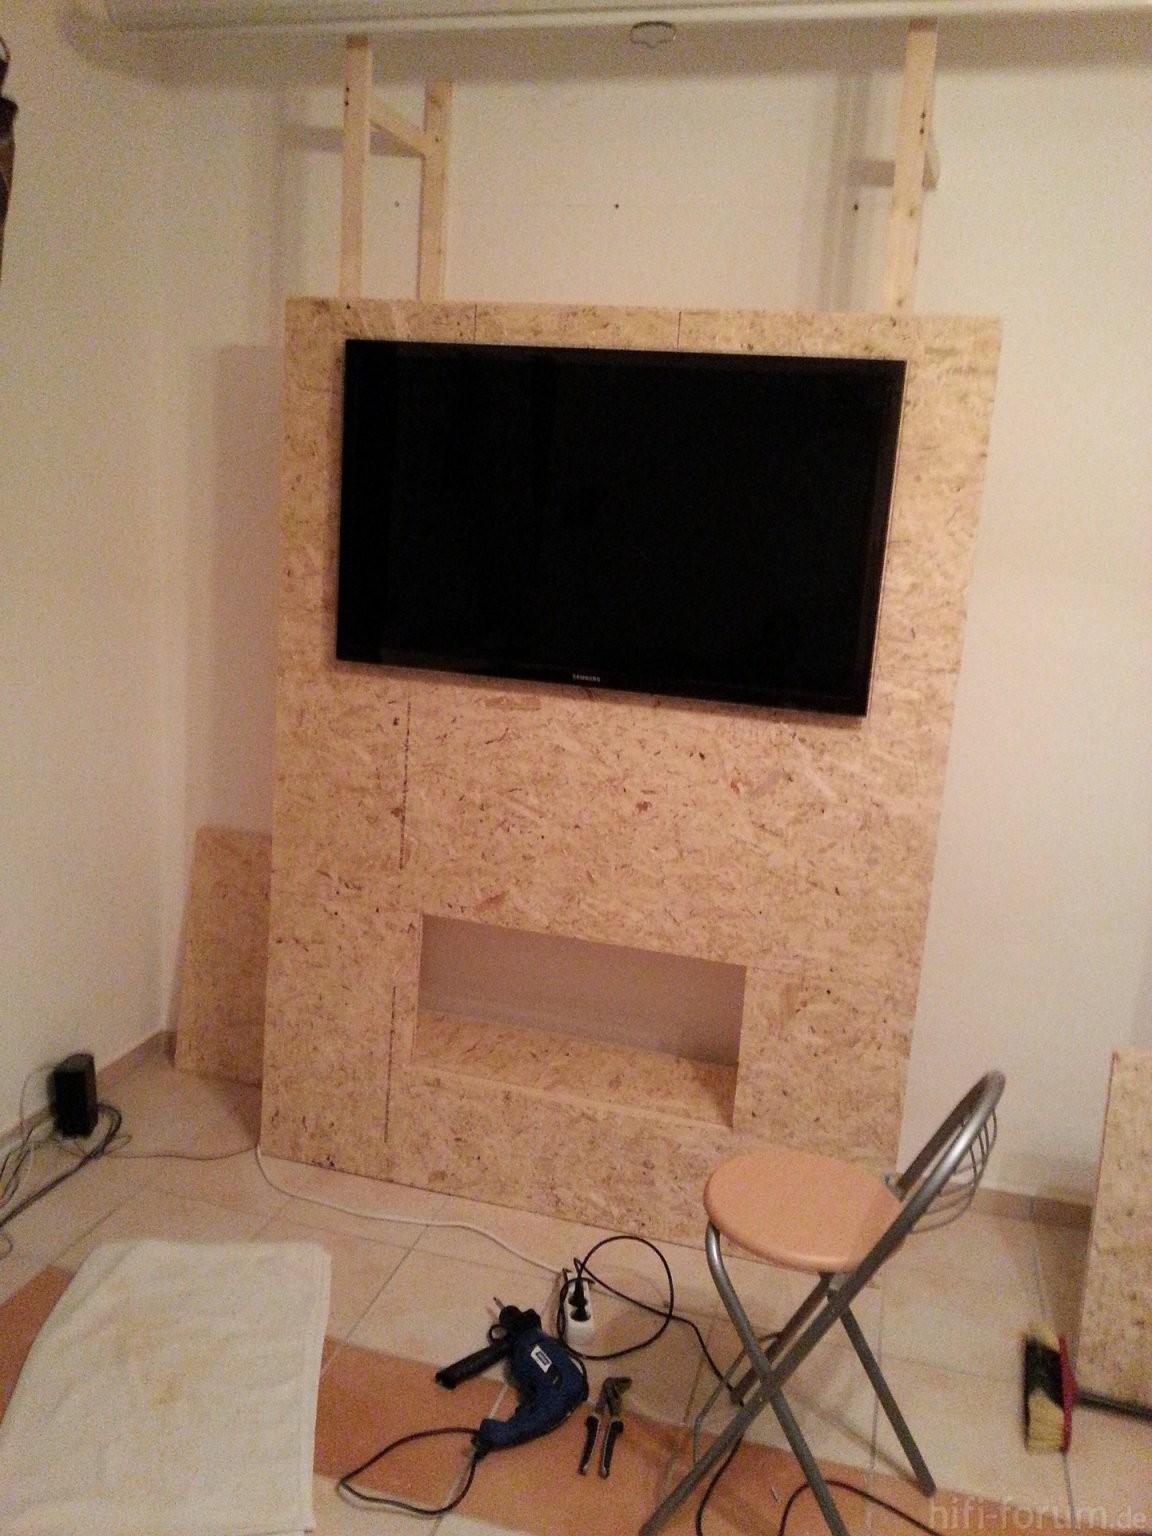 Tv Wand Selber Bauen Racks Gehäuse  Hififorum von Hifi Wand Selber Bauen Photo